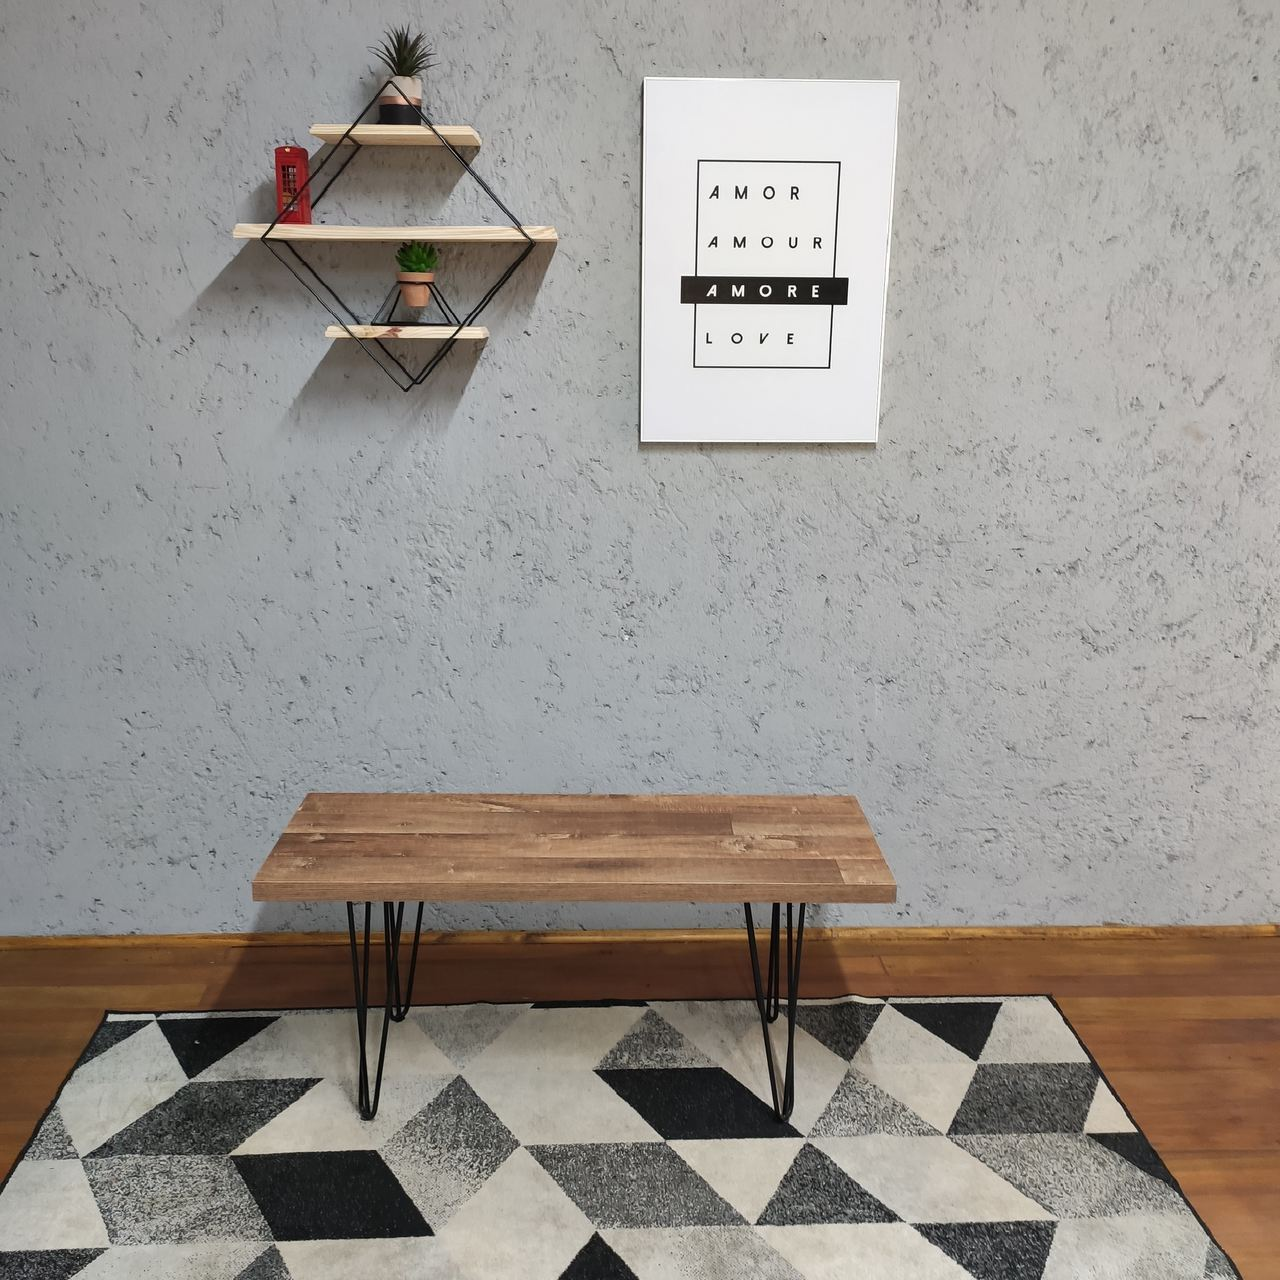 Conjunto Mesa Jantar 6 lugares com Banco e Banquinhos Western com Squared Legs e Tampo 100% MDF  - Mtne Store